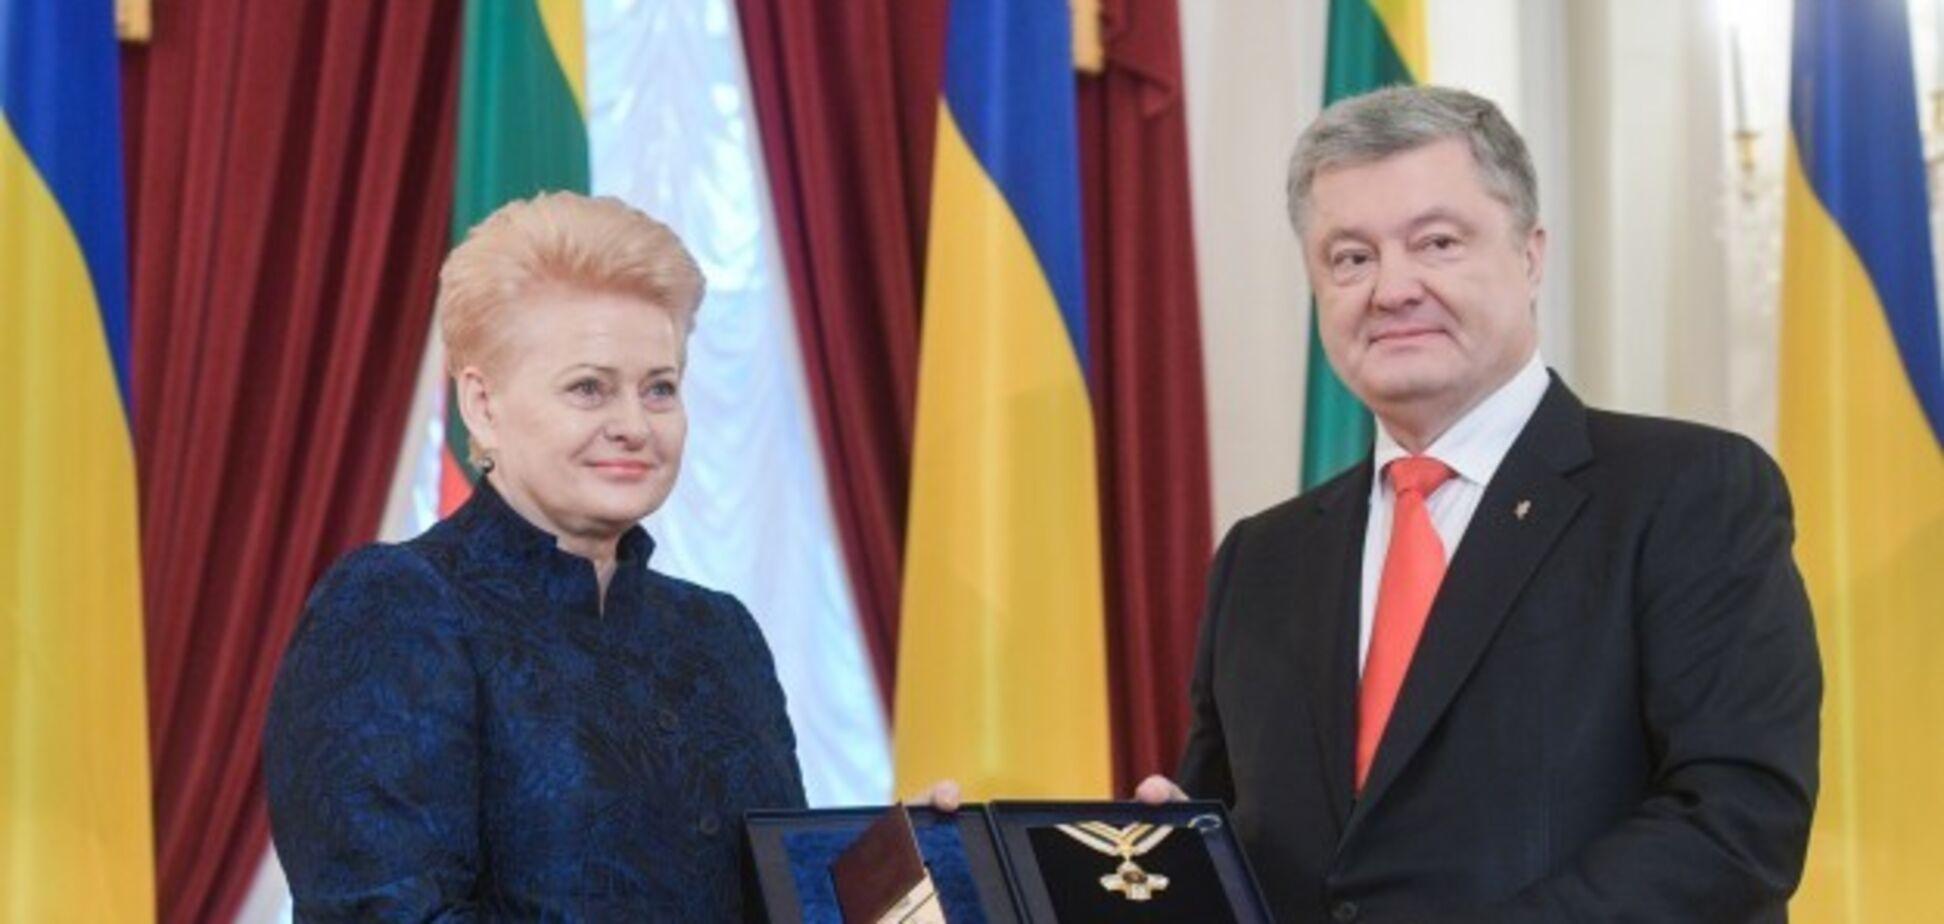 'Азов – не Россия': страна ЕС из-за Украины пригрозила Путину увеличить свое военное присутствие